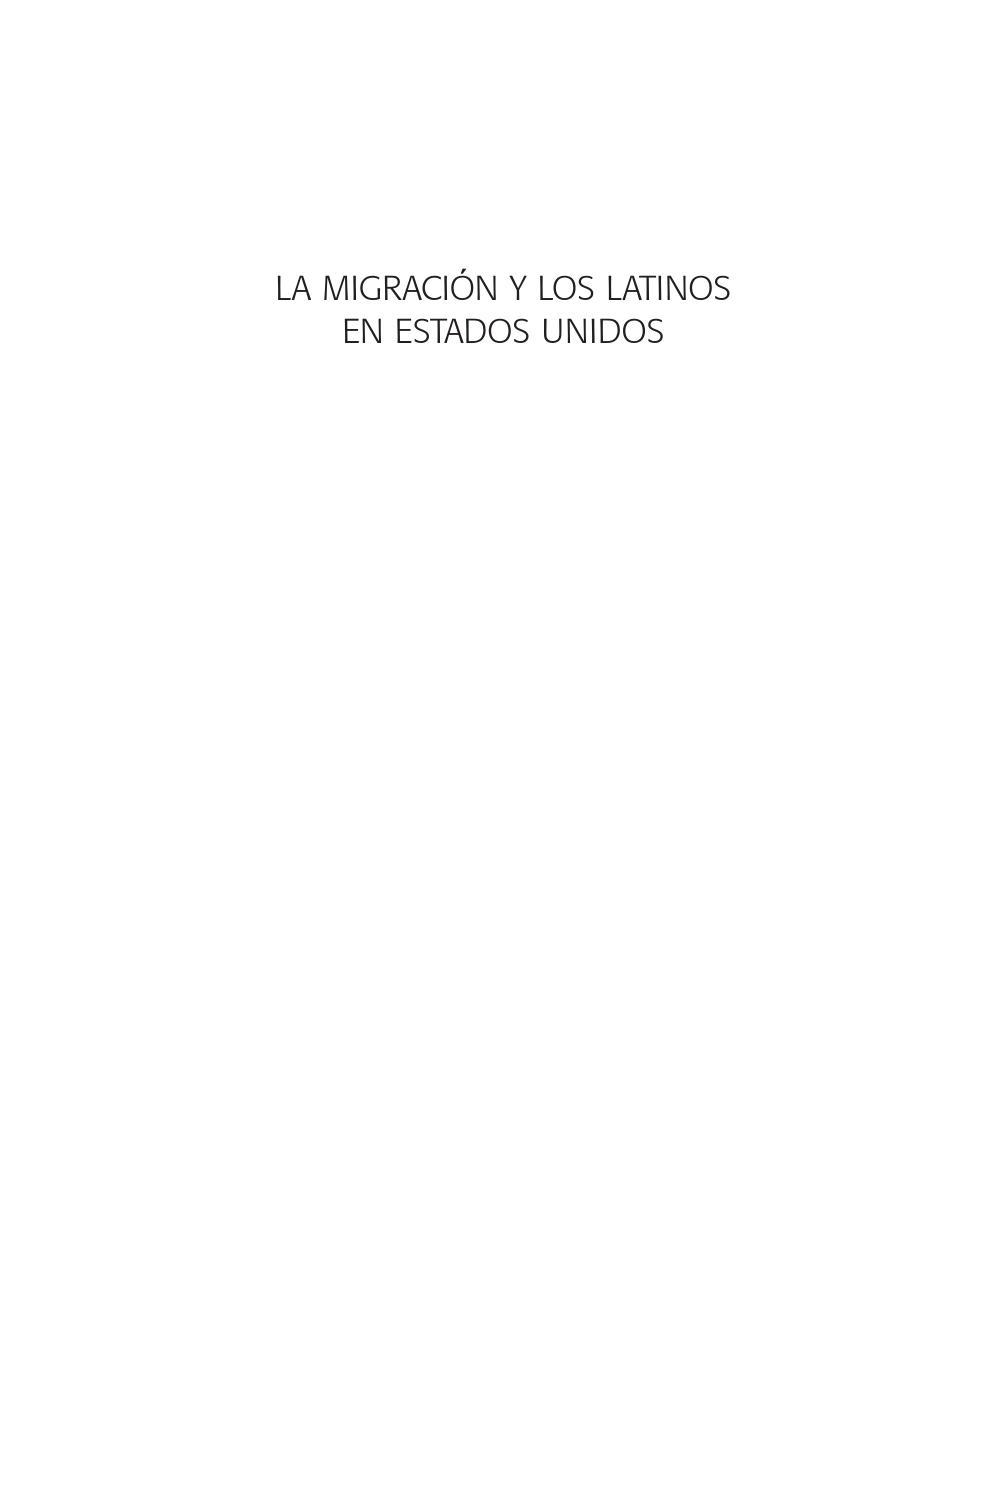 La migracion y los latinos 2da by cisan unam - issuu